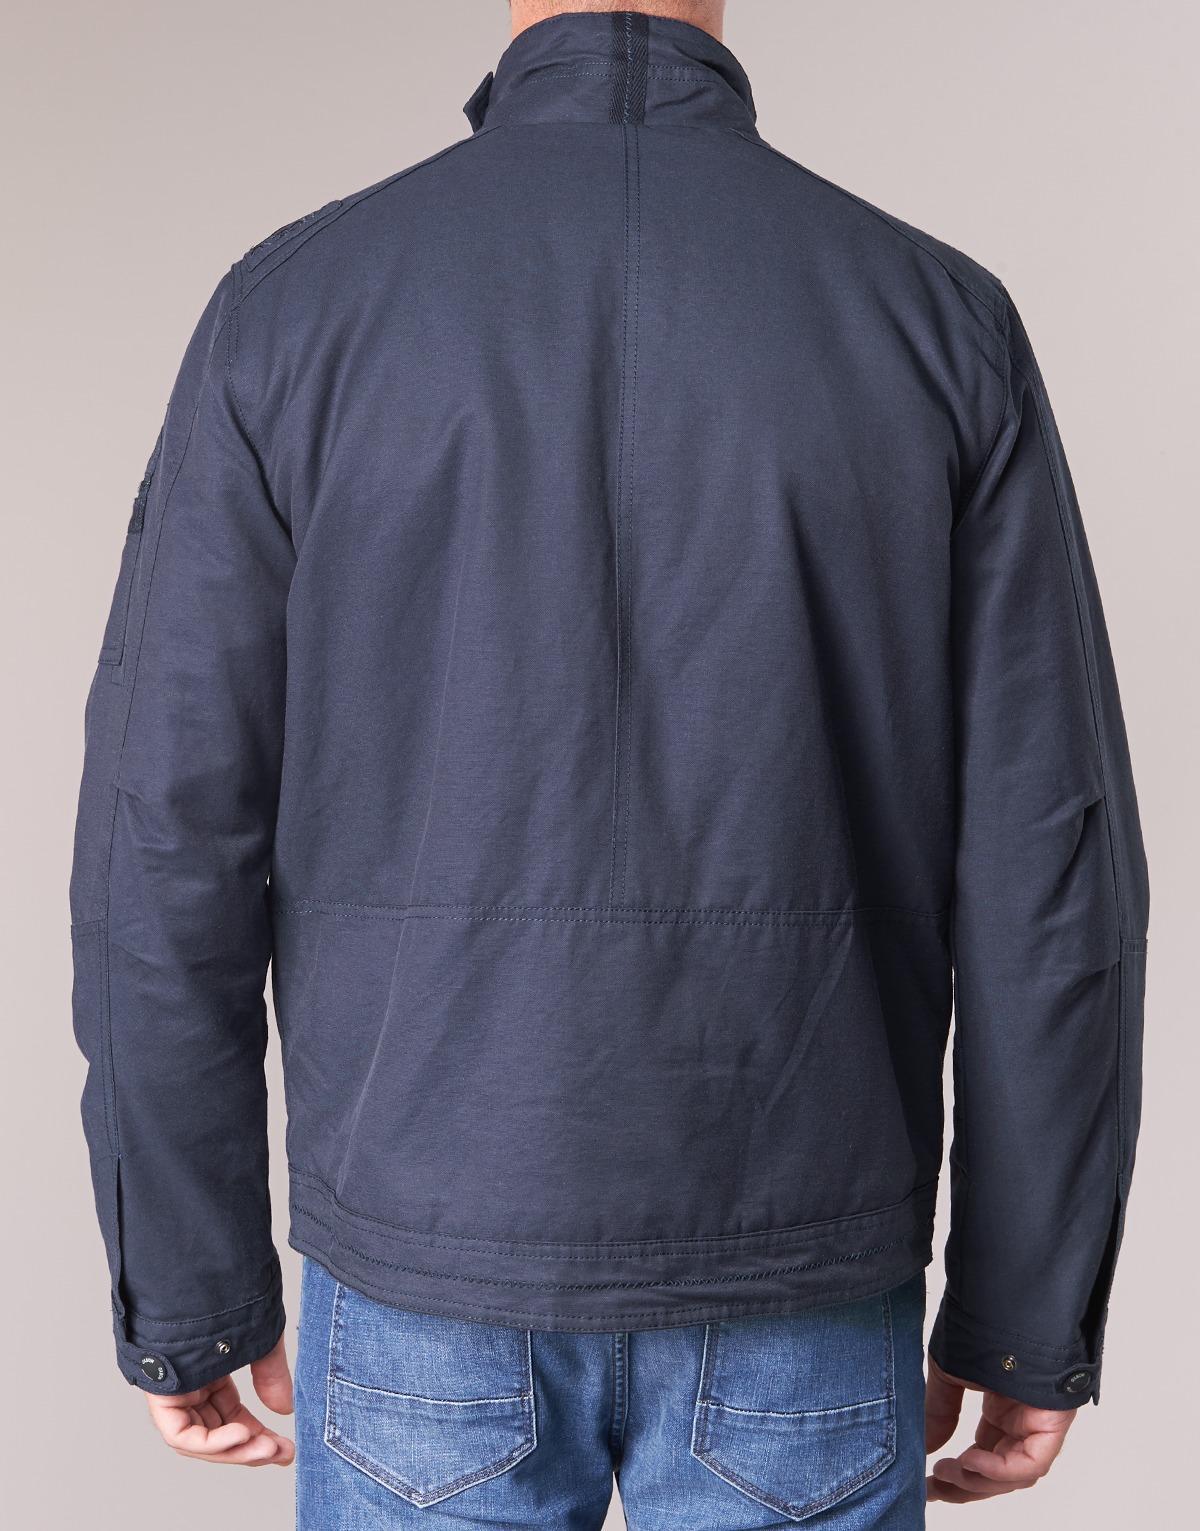 Oxbow Herren-Jacke JUMAS in Blau für Herren